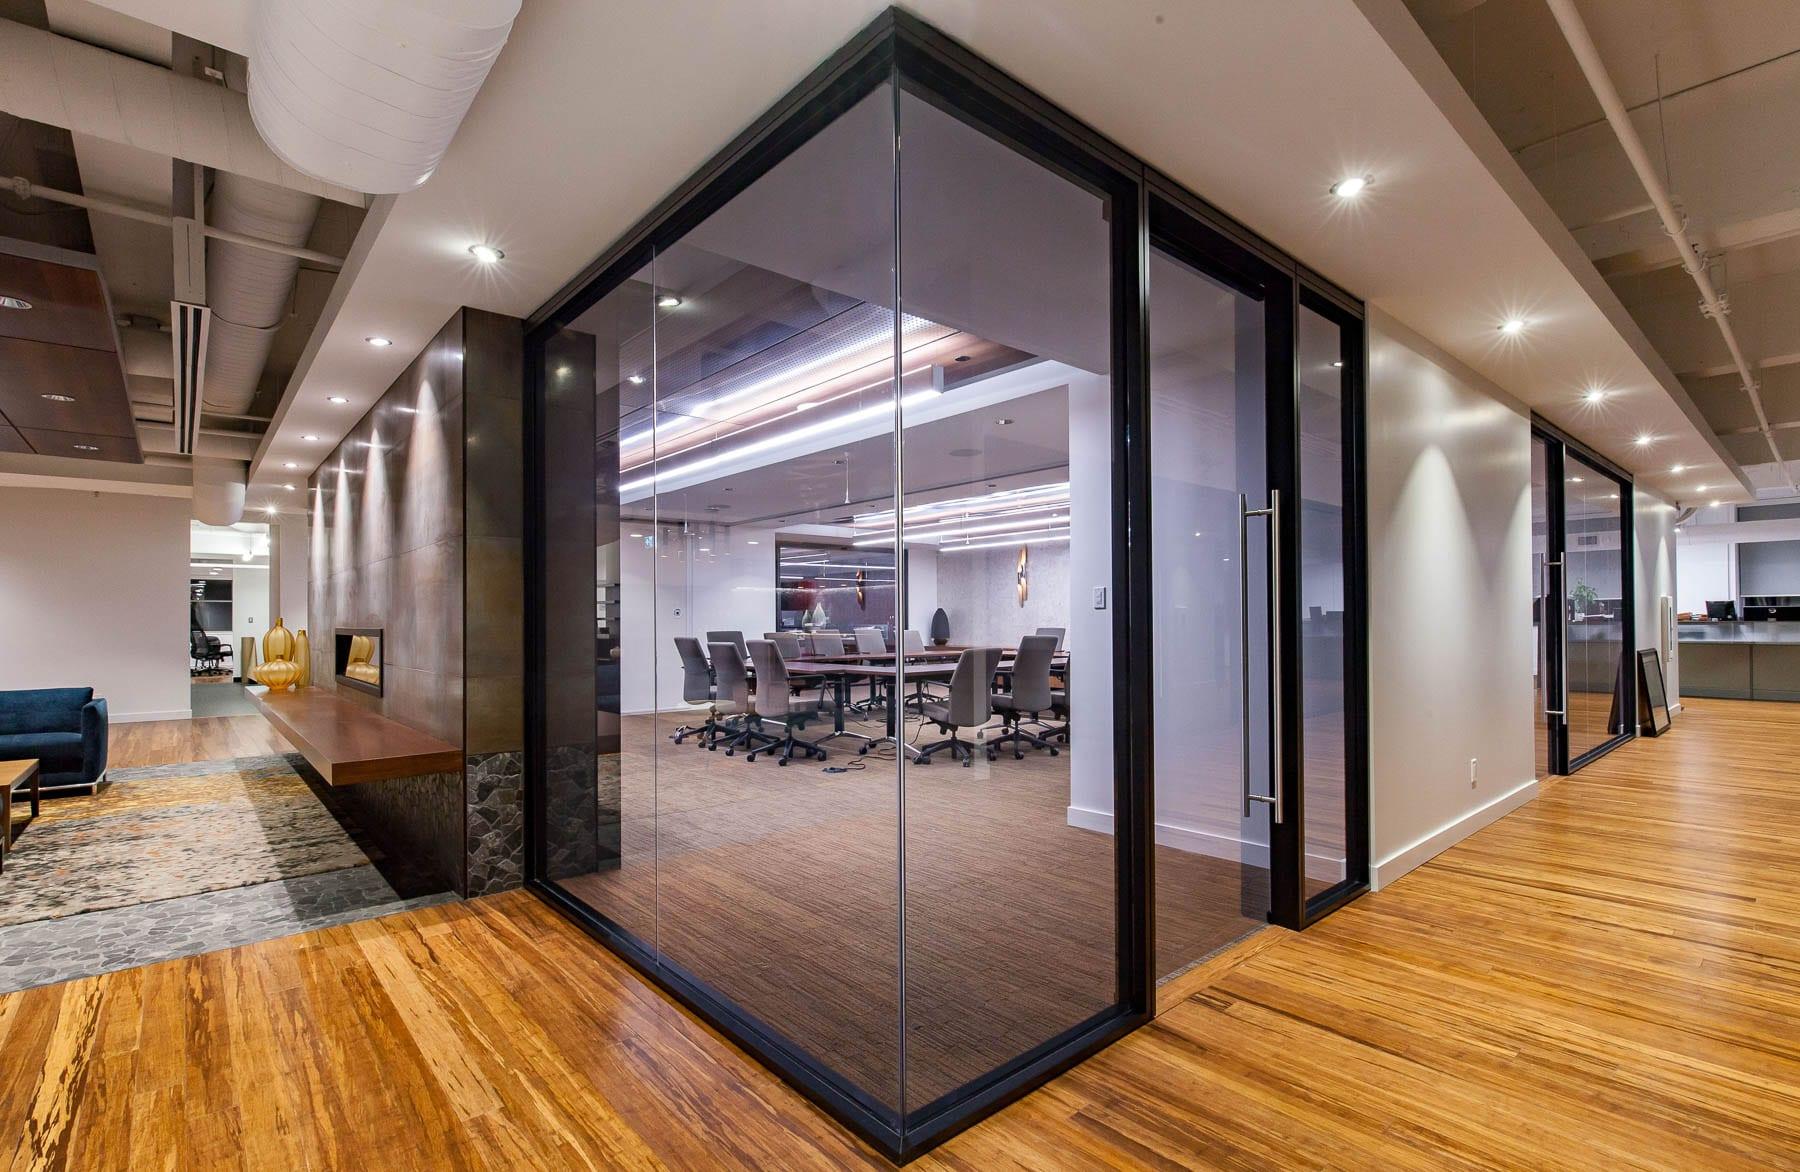 Contemporary Office Design at MIABC